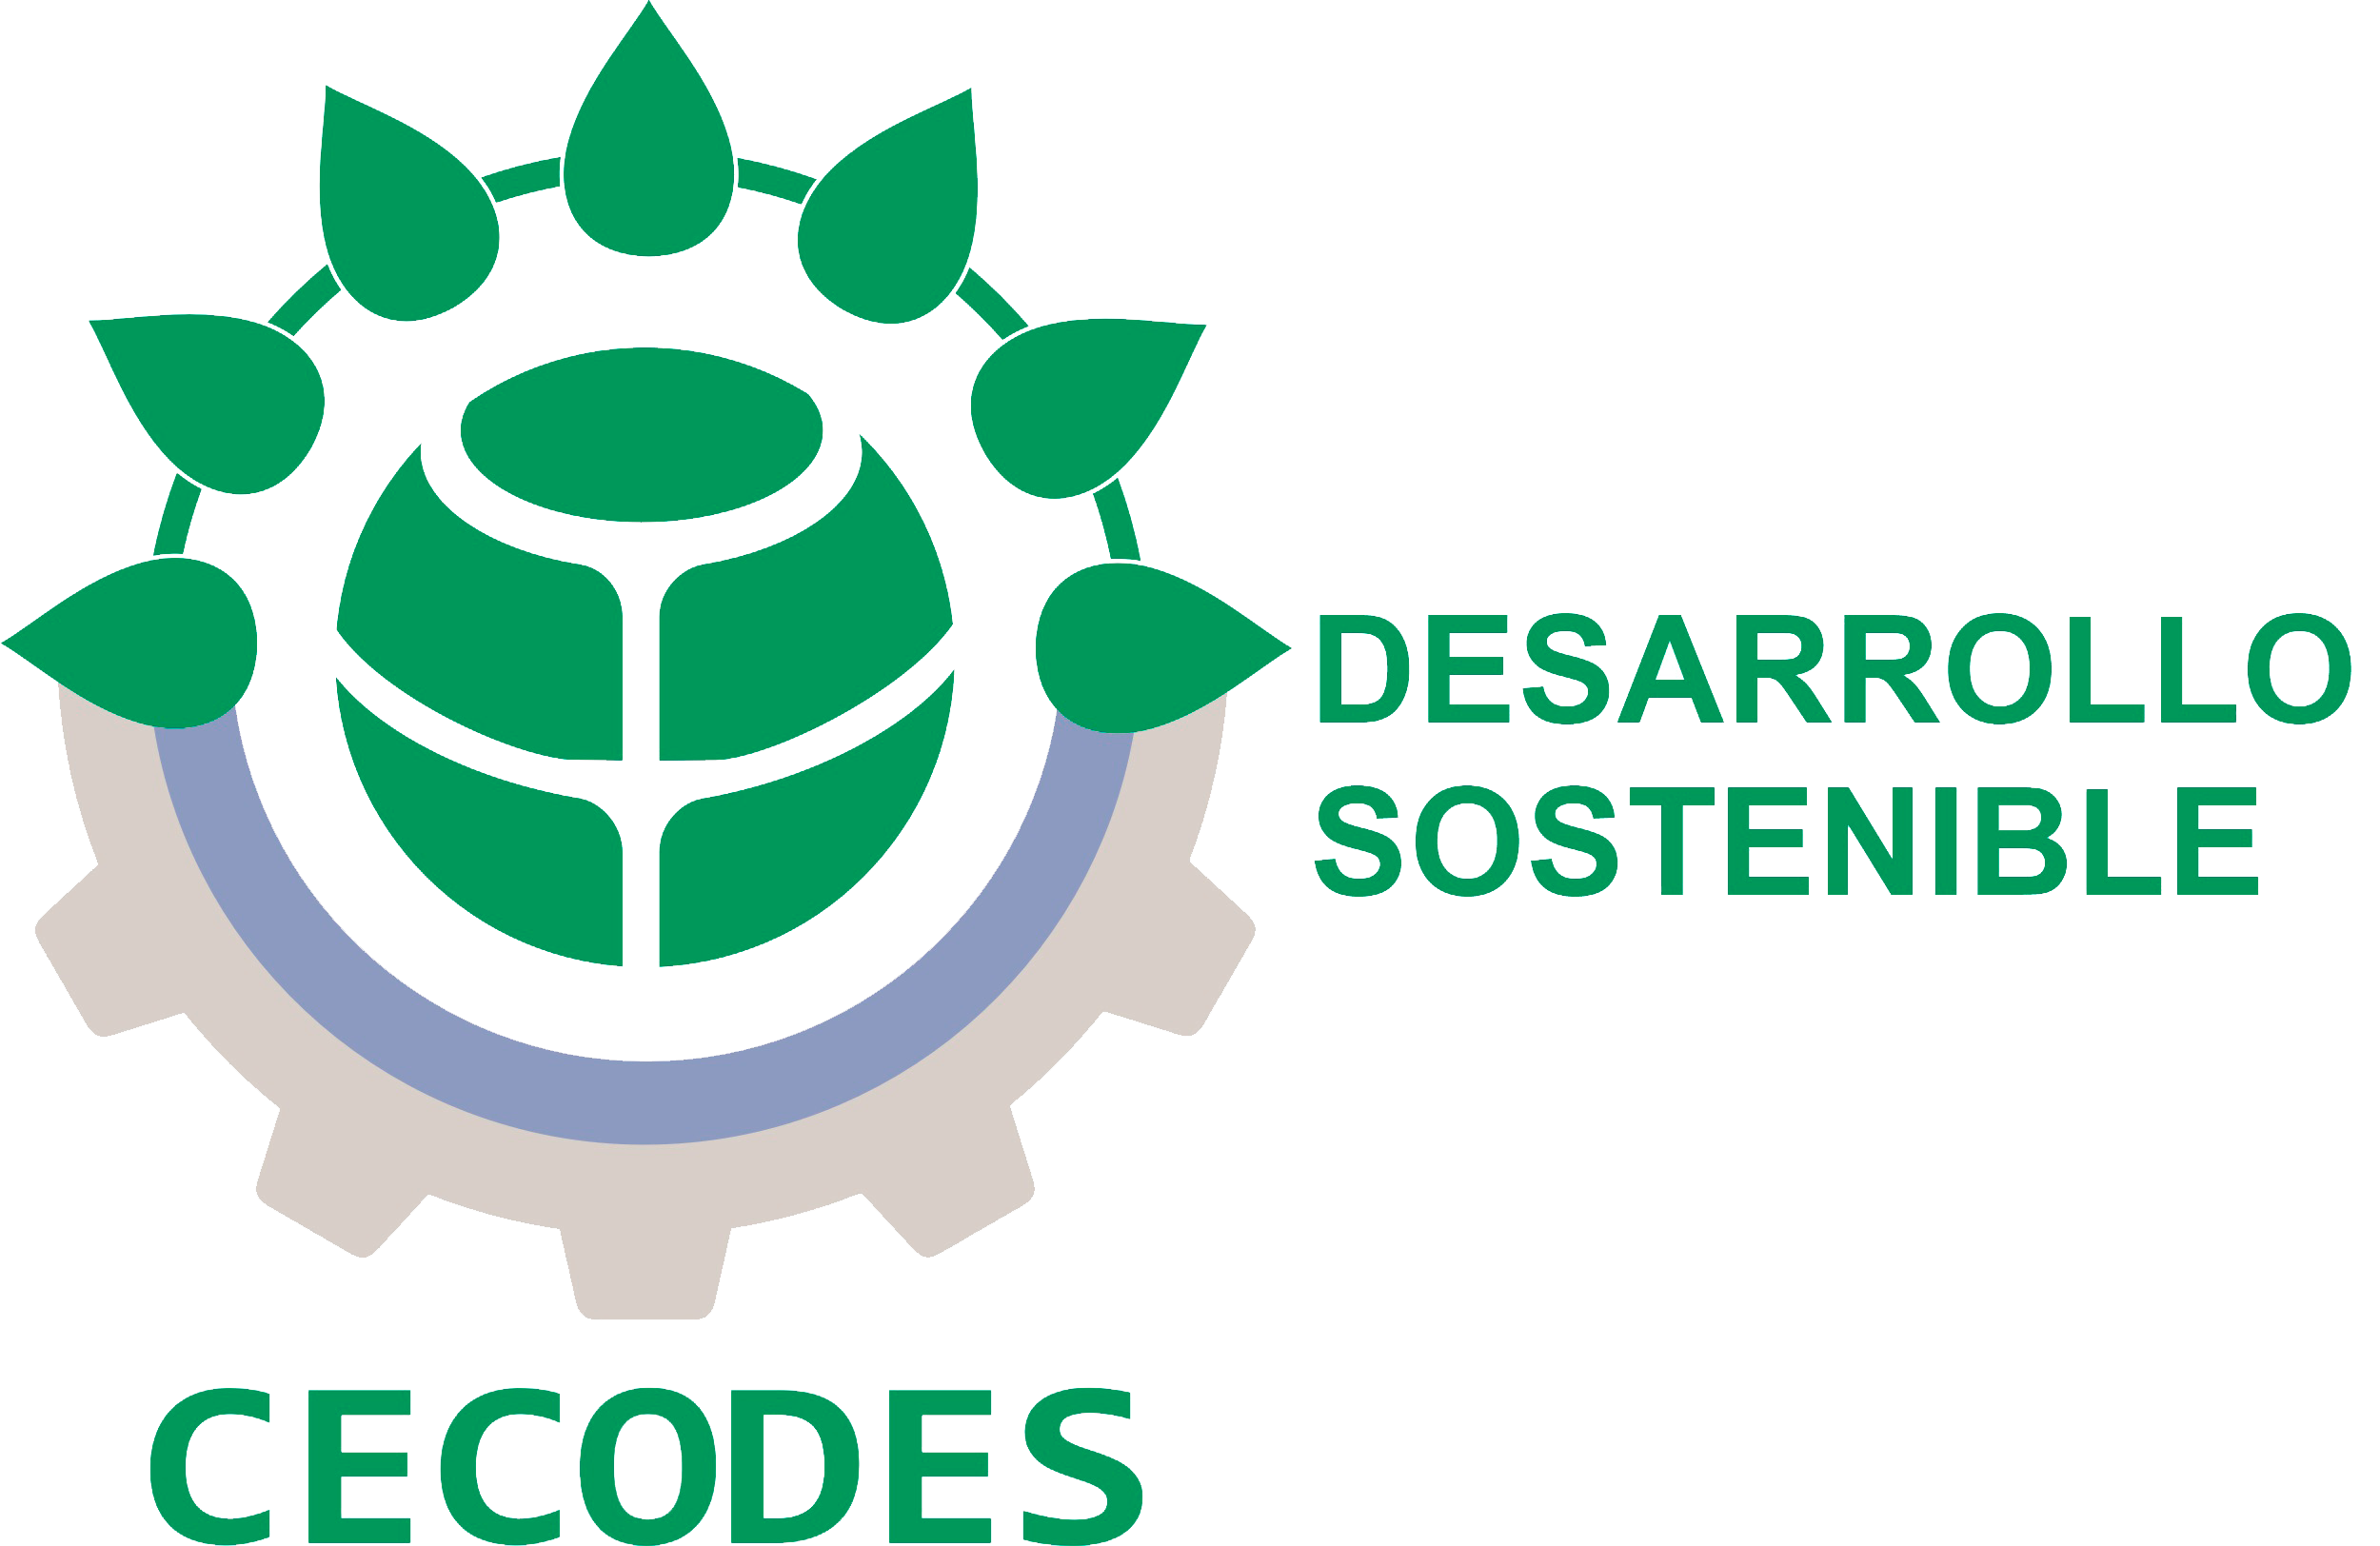 CECODESDS.png